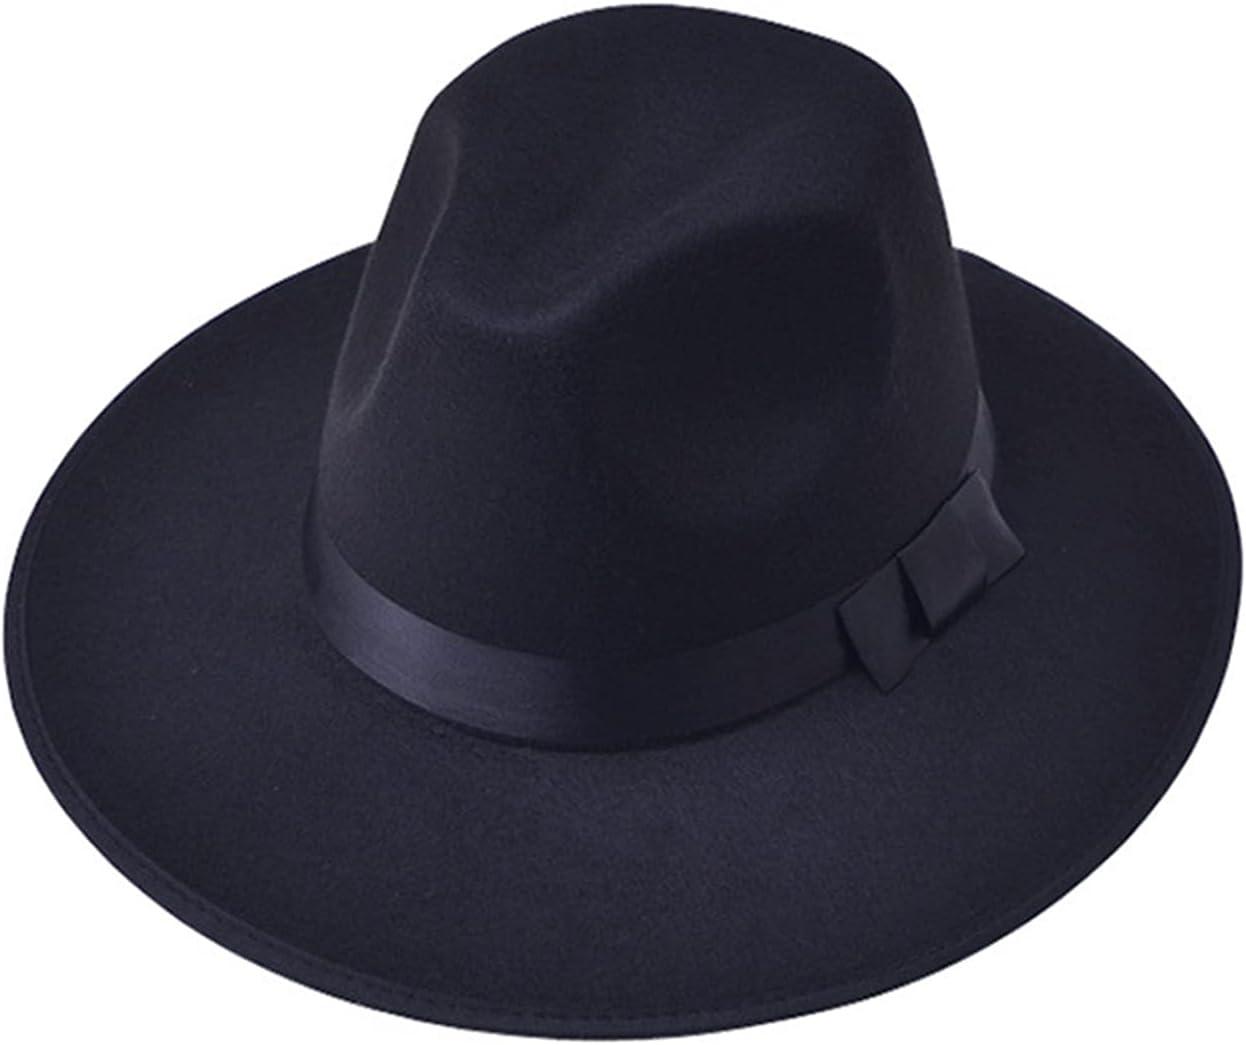 HONGJIU Women's Brim Fedora,Church Hats for Women,Flat Top Hat Church Bowknot Cap (Color : 11, Size : One Size)